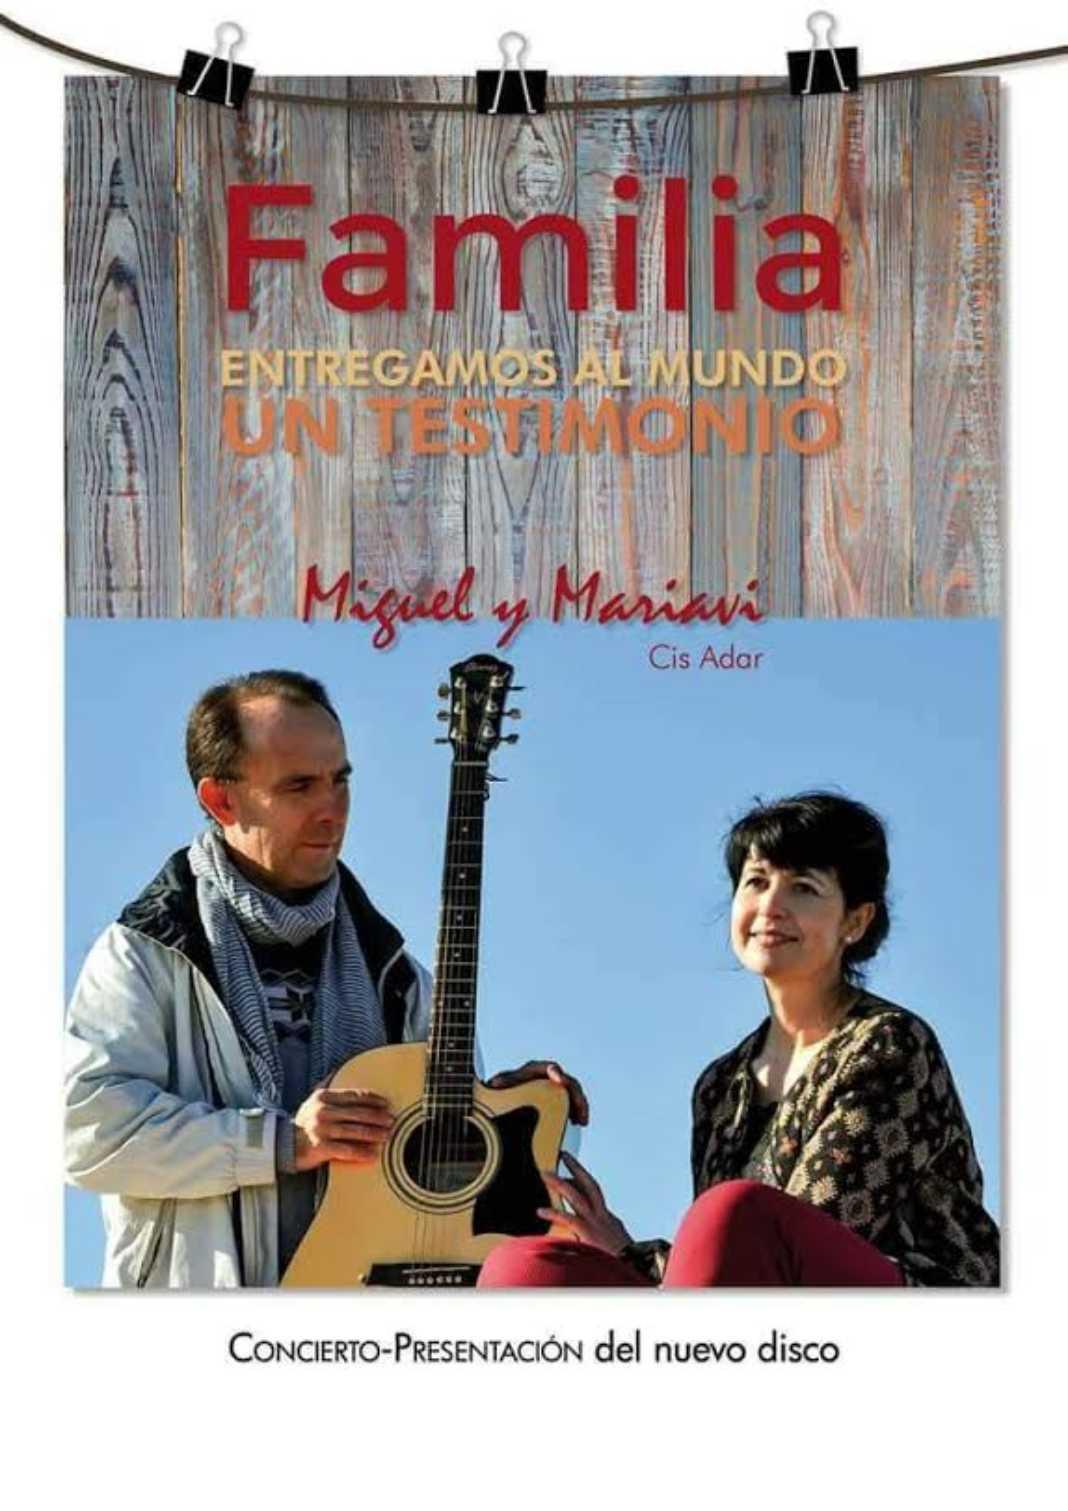 unnamed 1 1068x1511 - Concierto en Villarrubia de los Ojos de Miguel y Mariavi